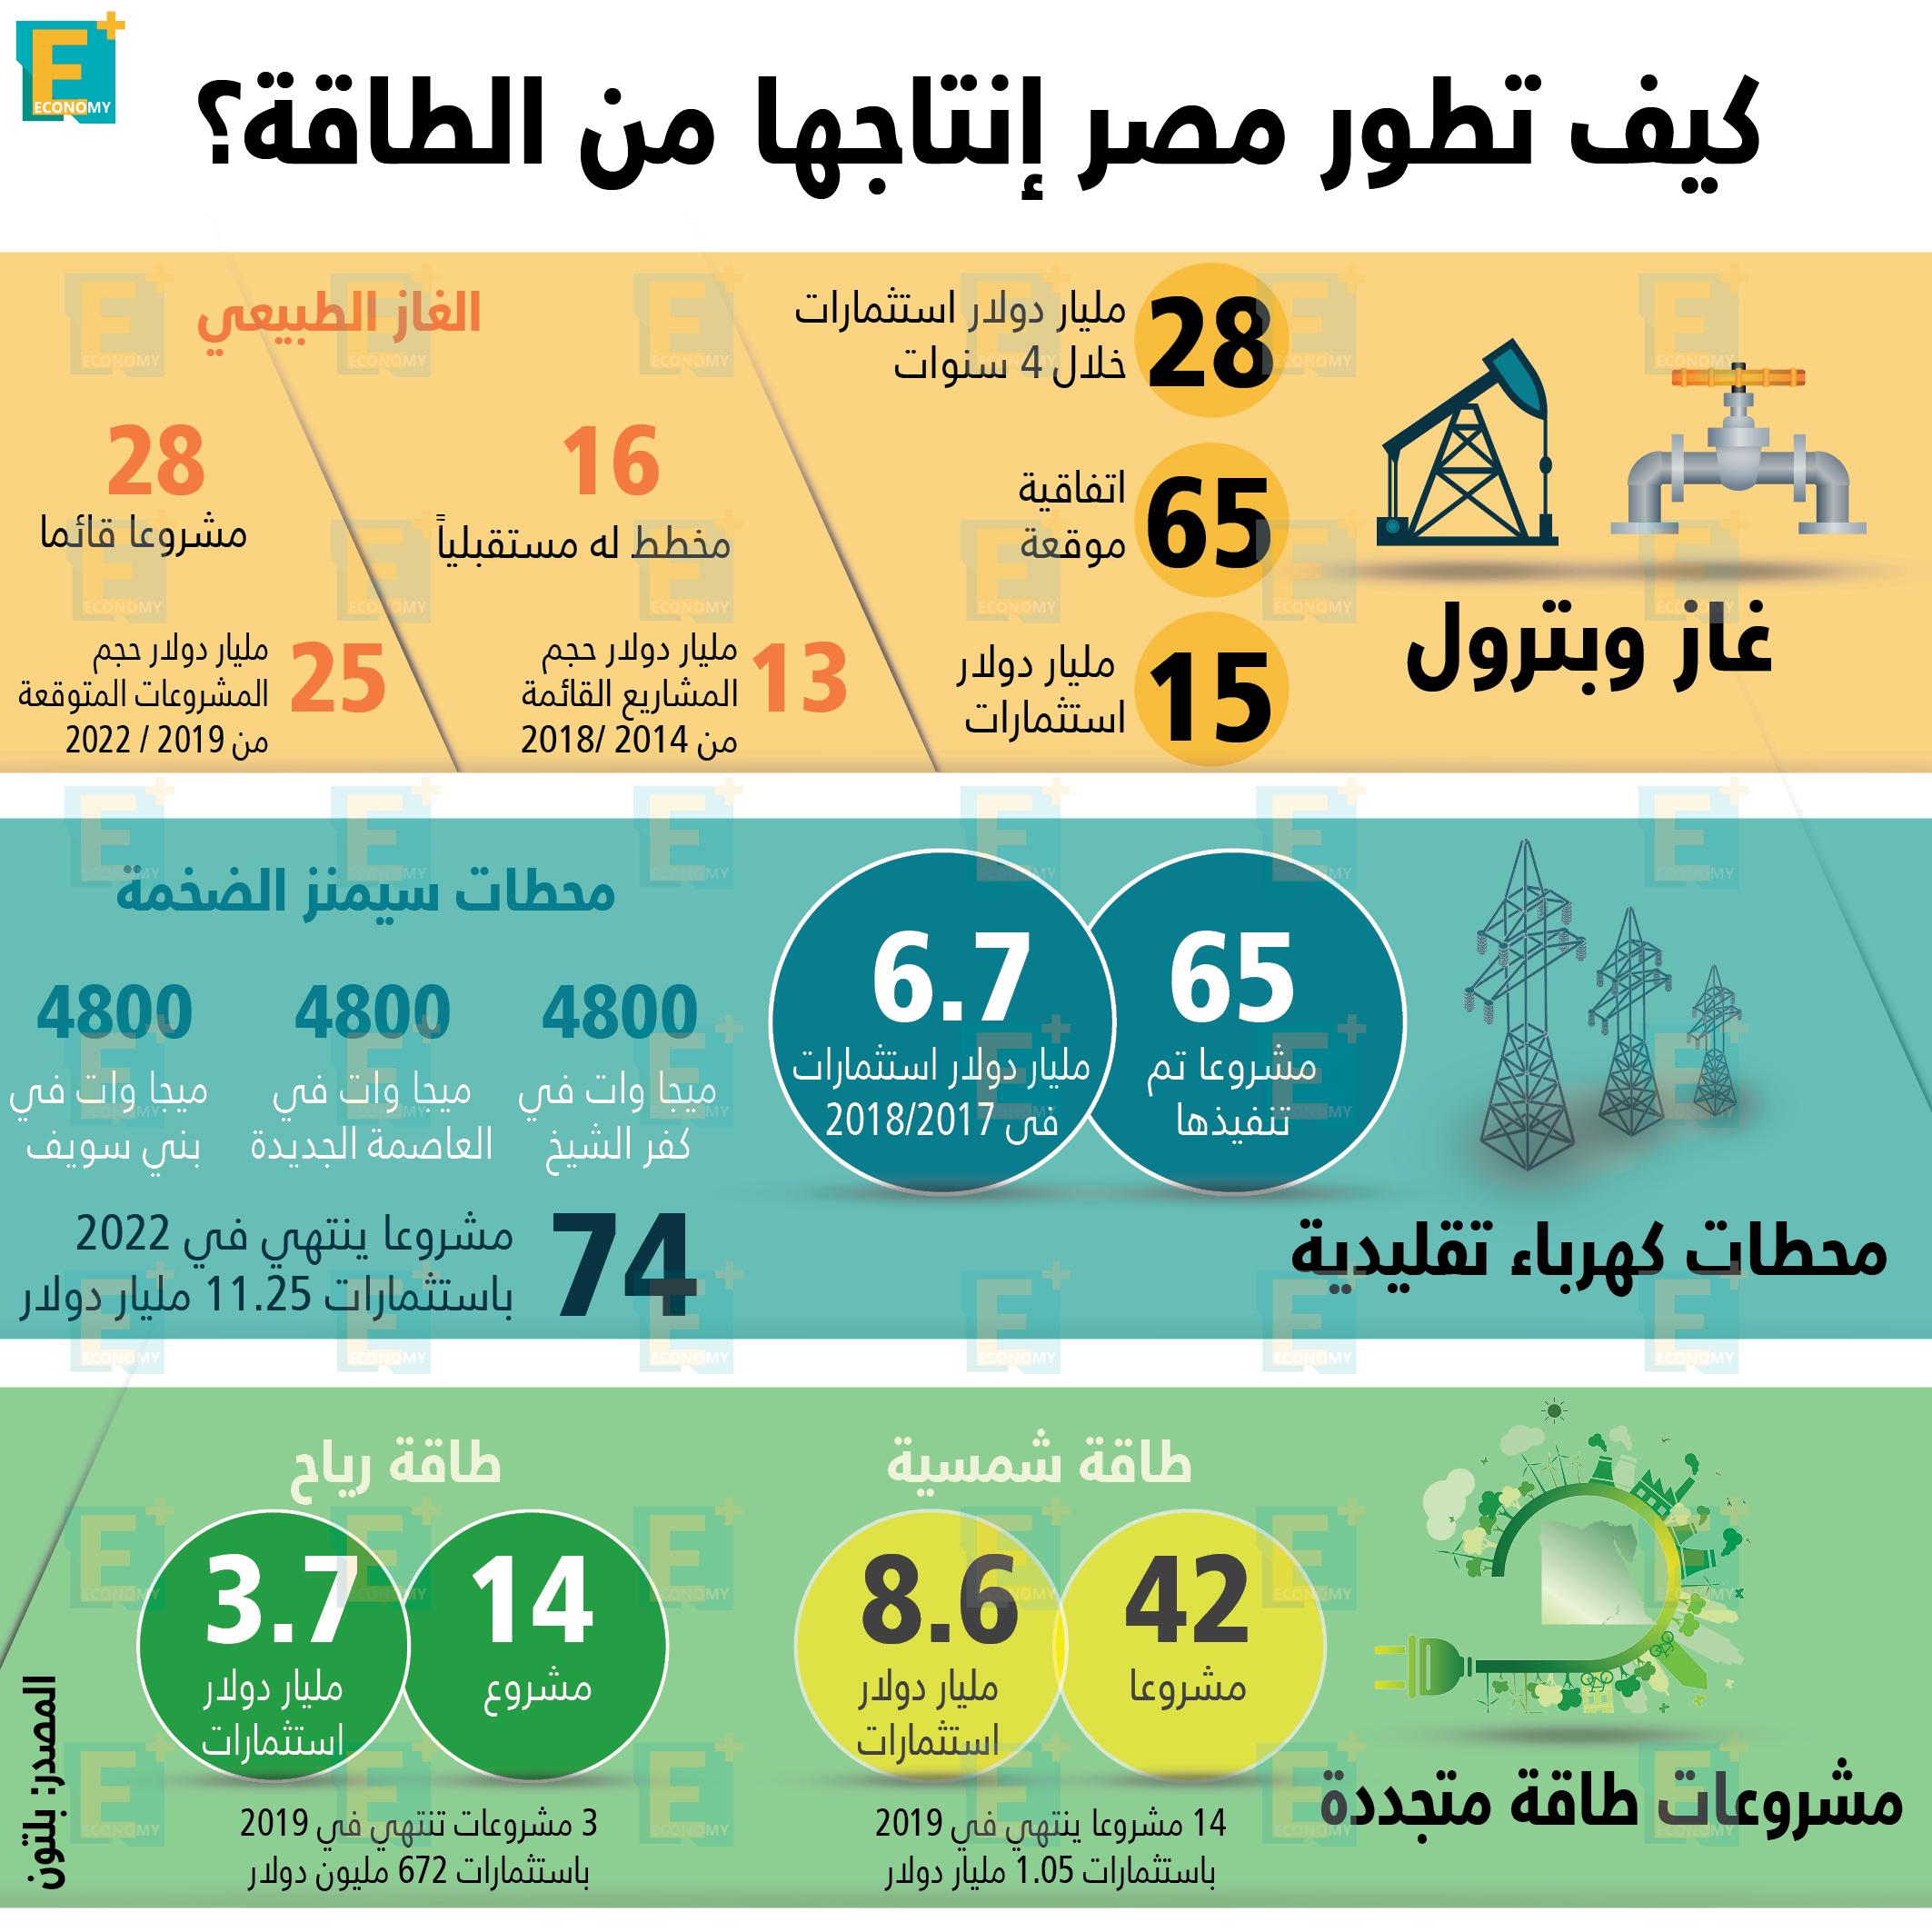 انتاج مصر من الطاقة